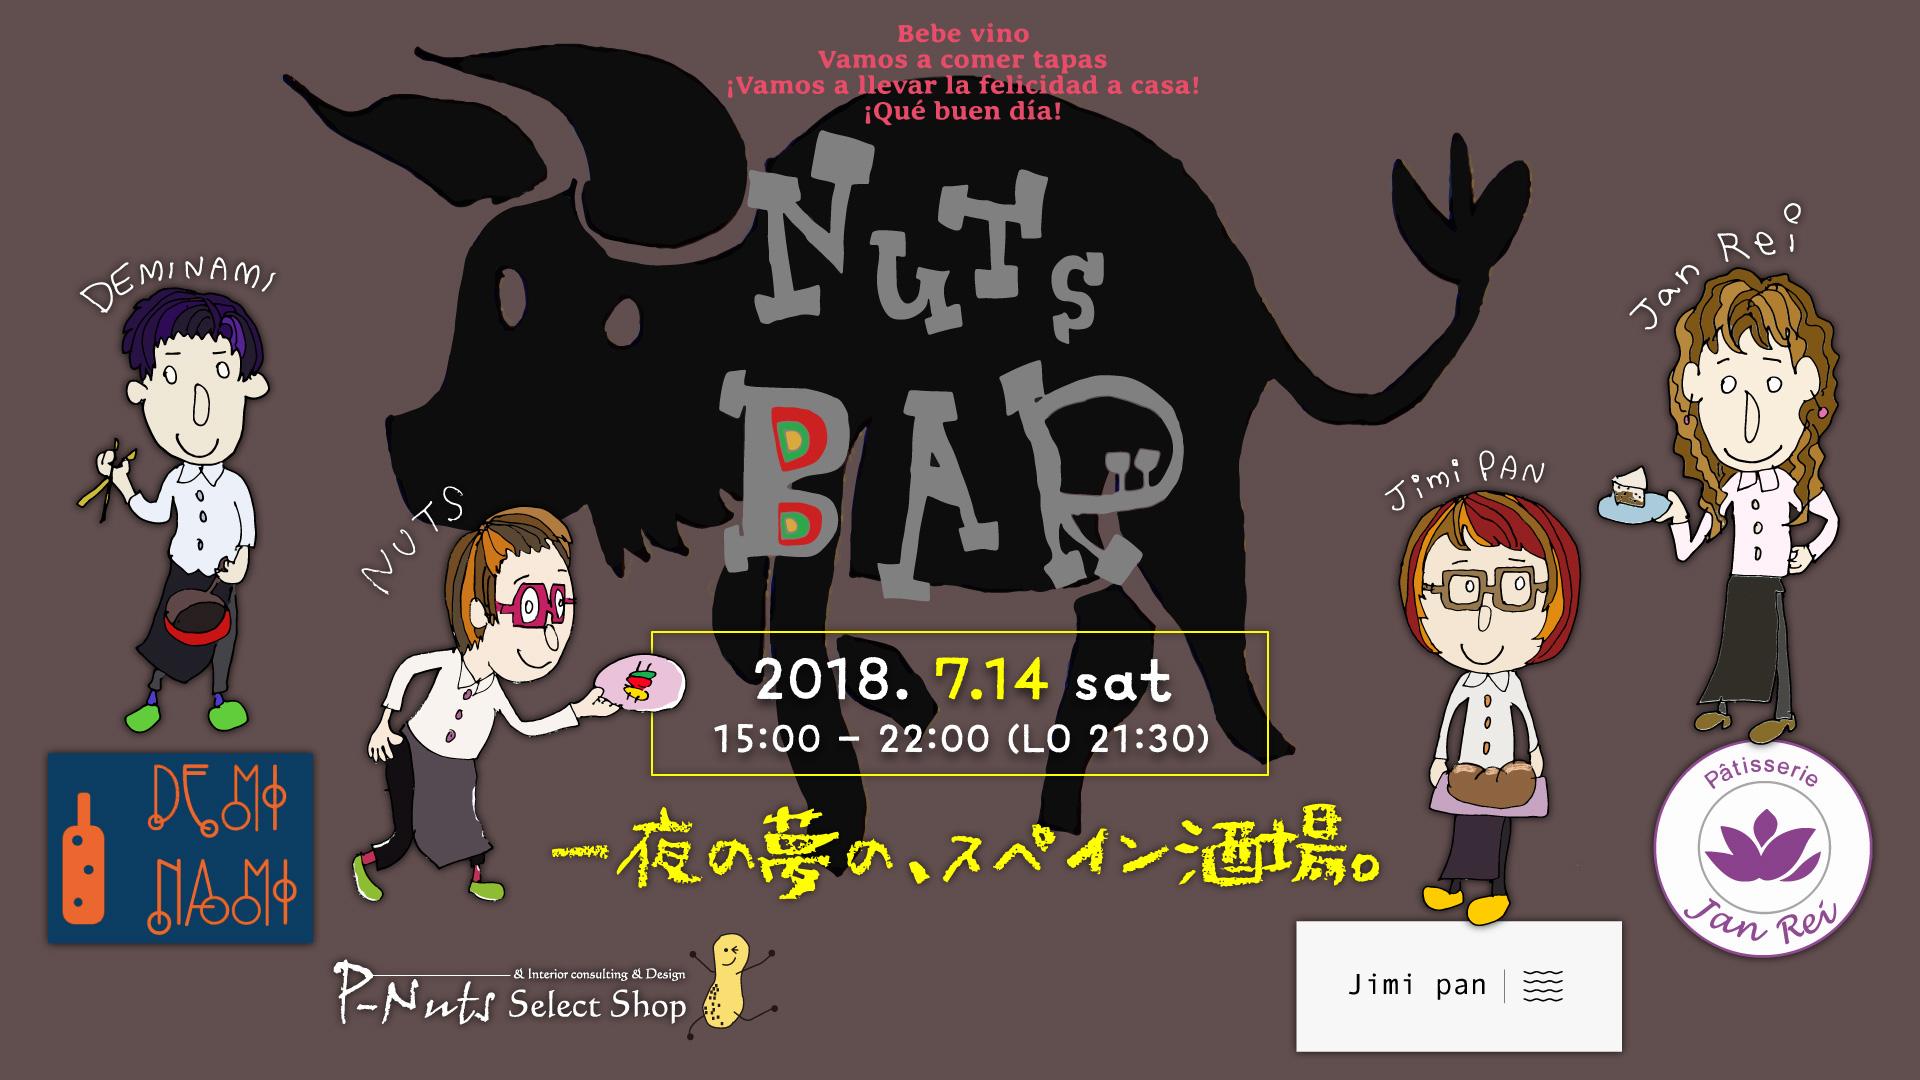 7/14は《Nuts Bar》!スペイン酒場がピーナッツに登場!